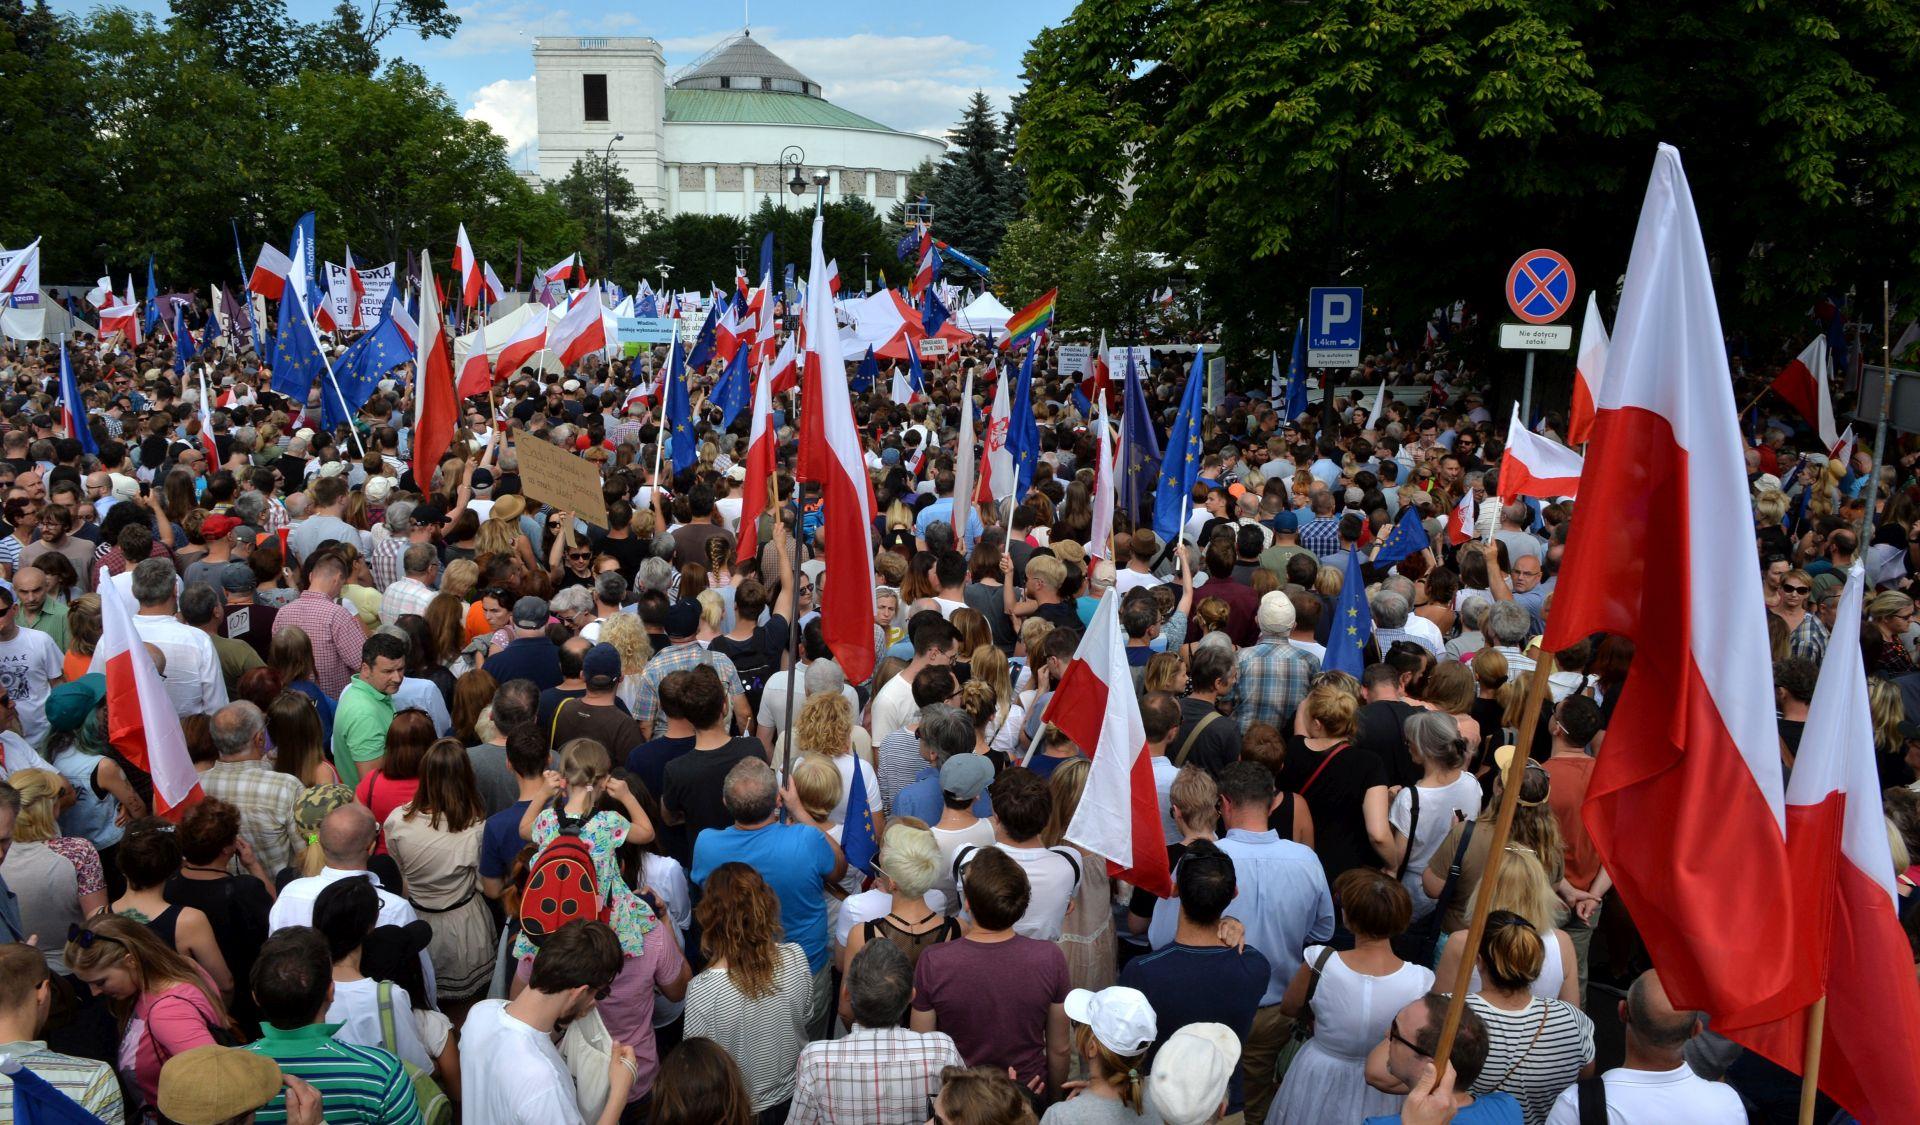 Tisuće Poljaka prosvjeduje protiv nacrta zakona protiv pobačaja